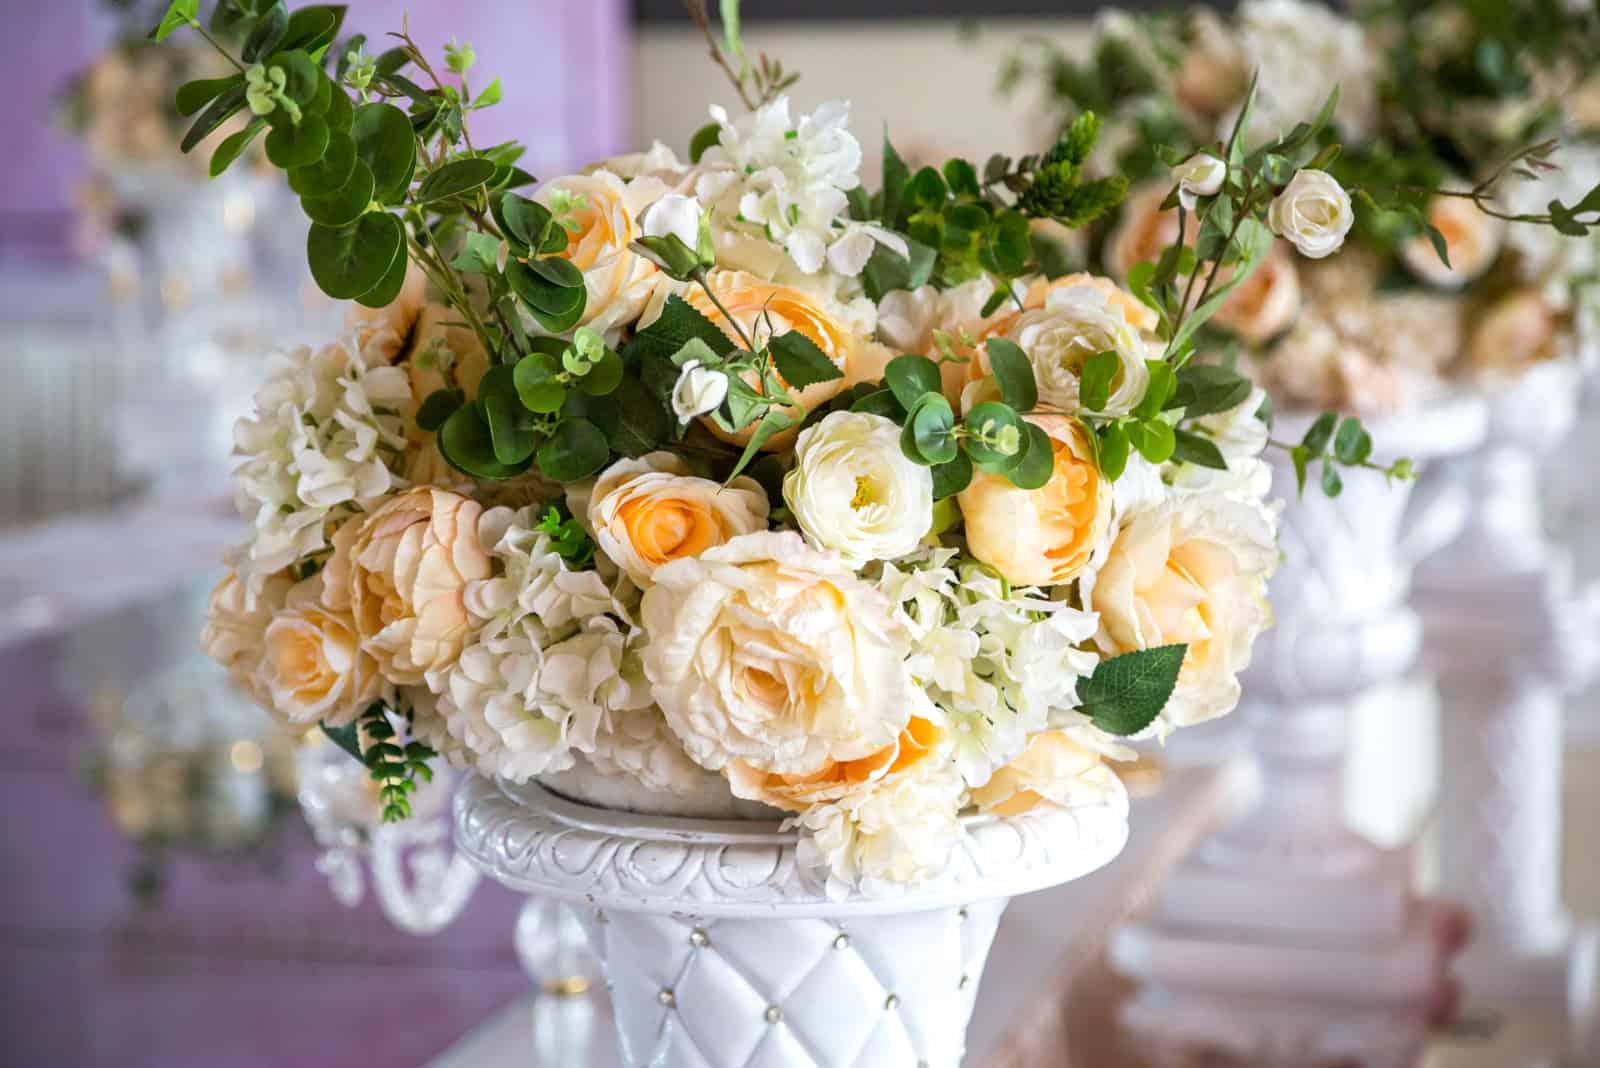 Ein Hochzeitsarrangement mit schönen bunten Blumen